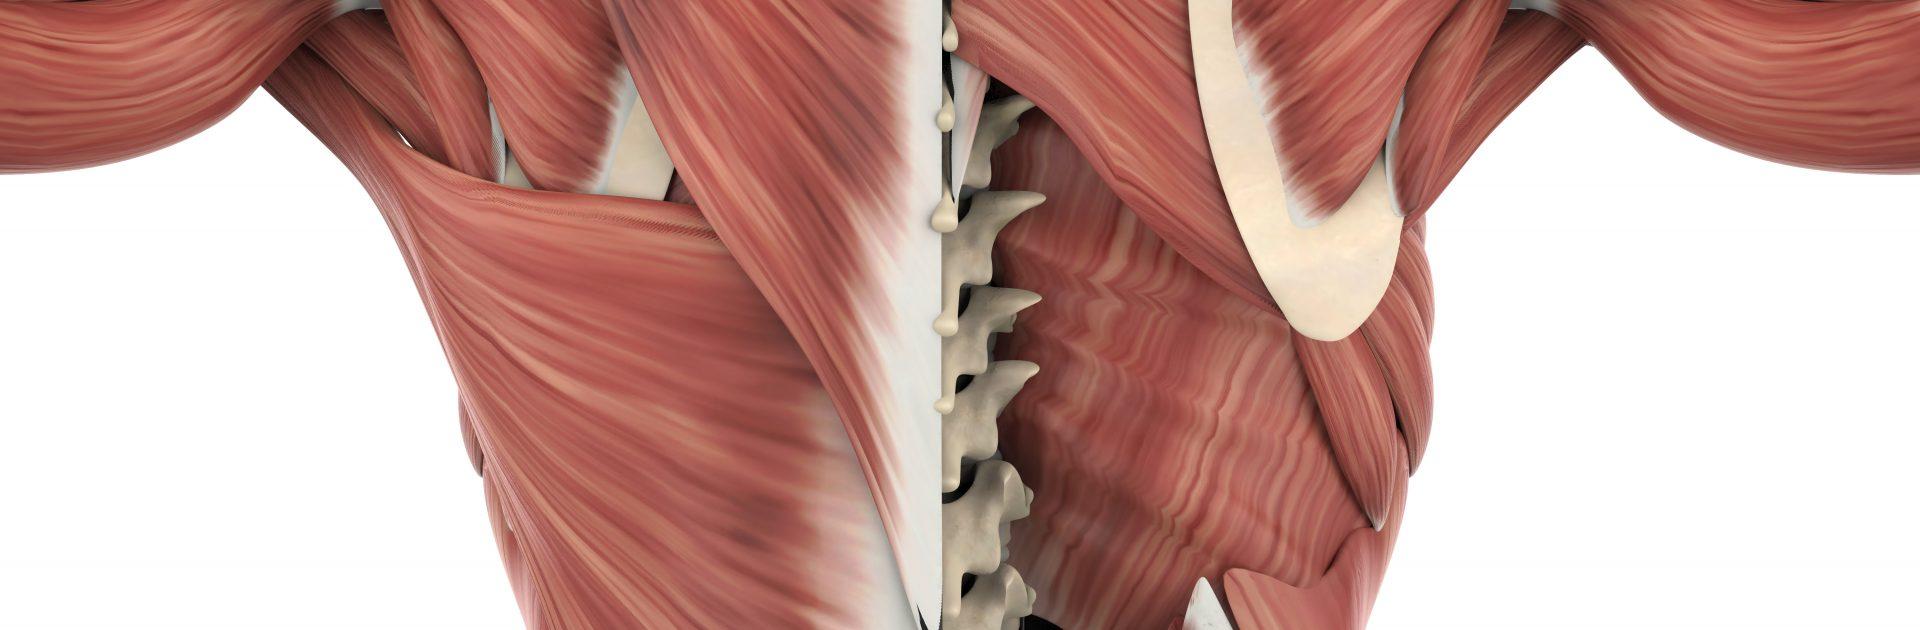 Darstellung der verschiedenen Gewebestrukturen des Rückens inklusive der Faszien.